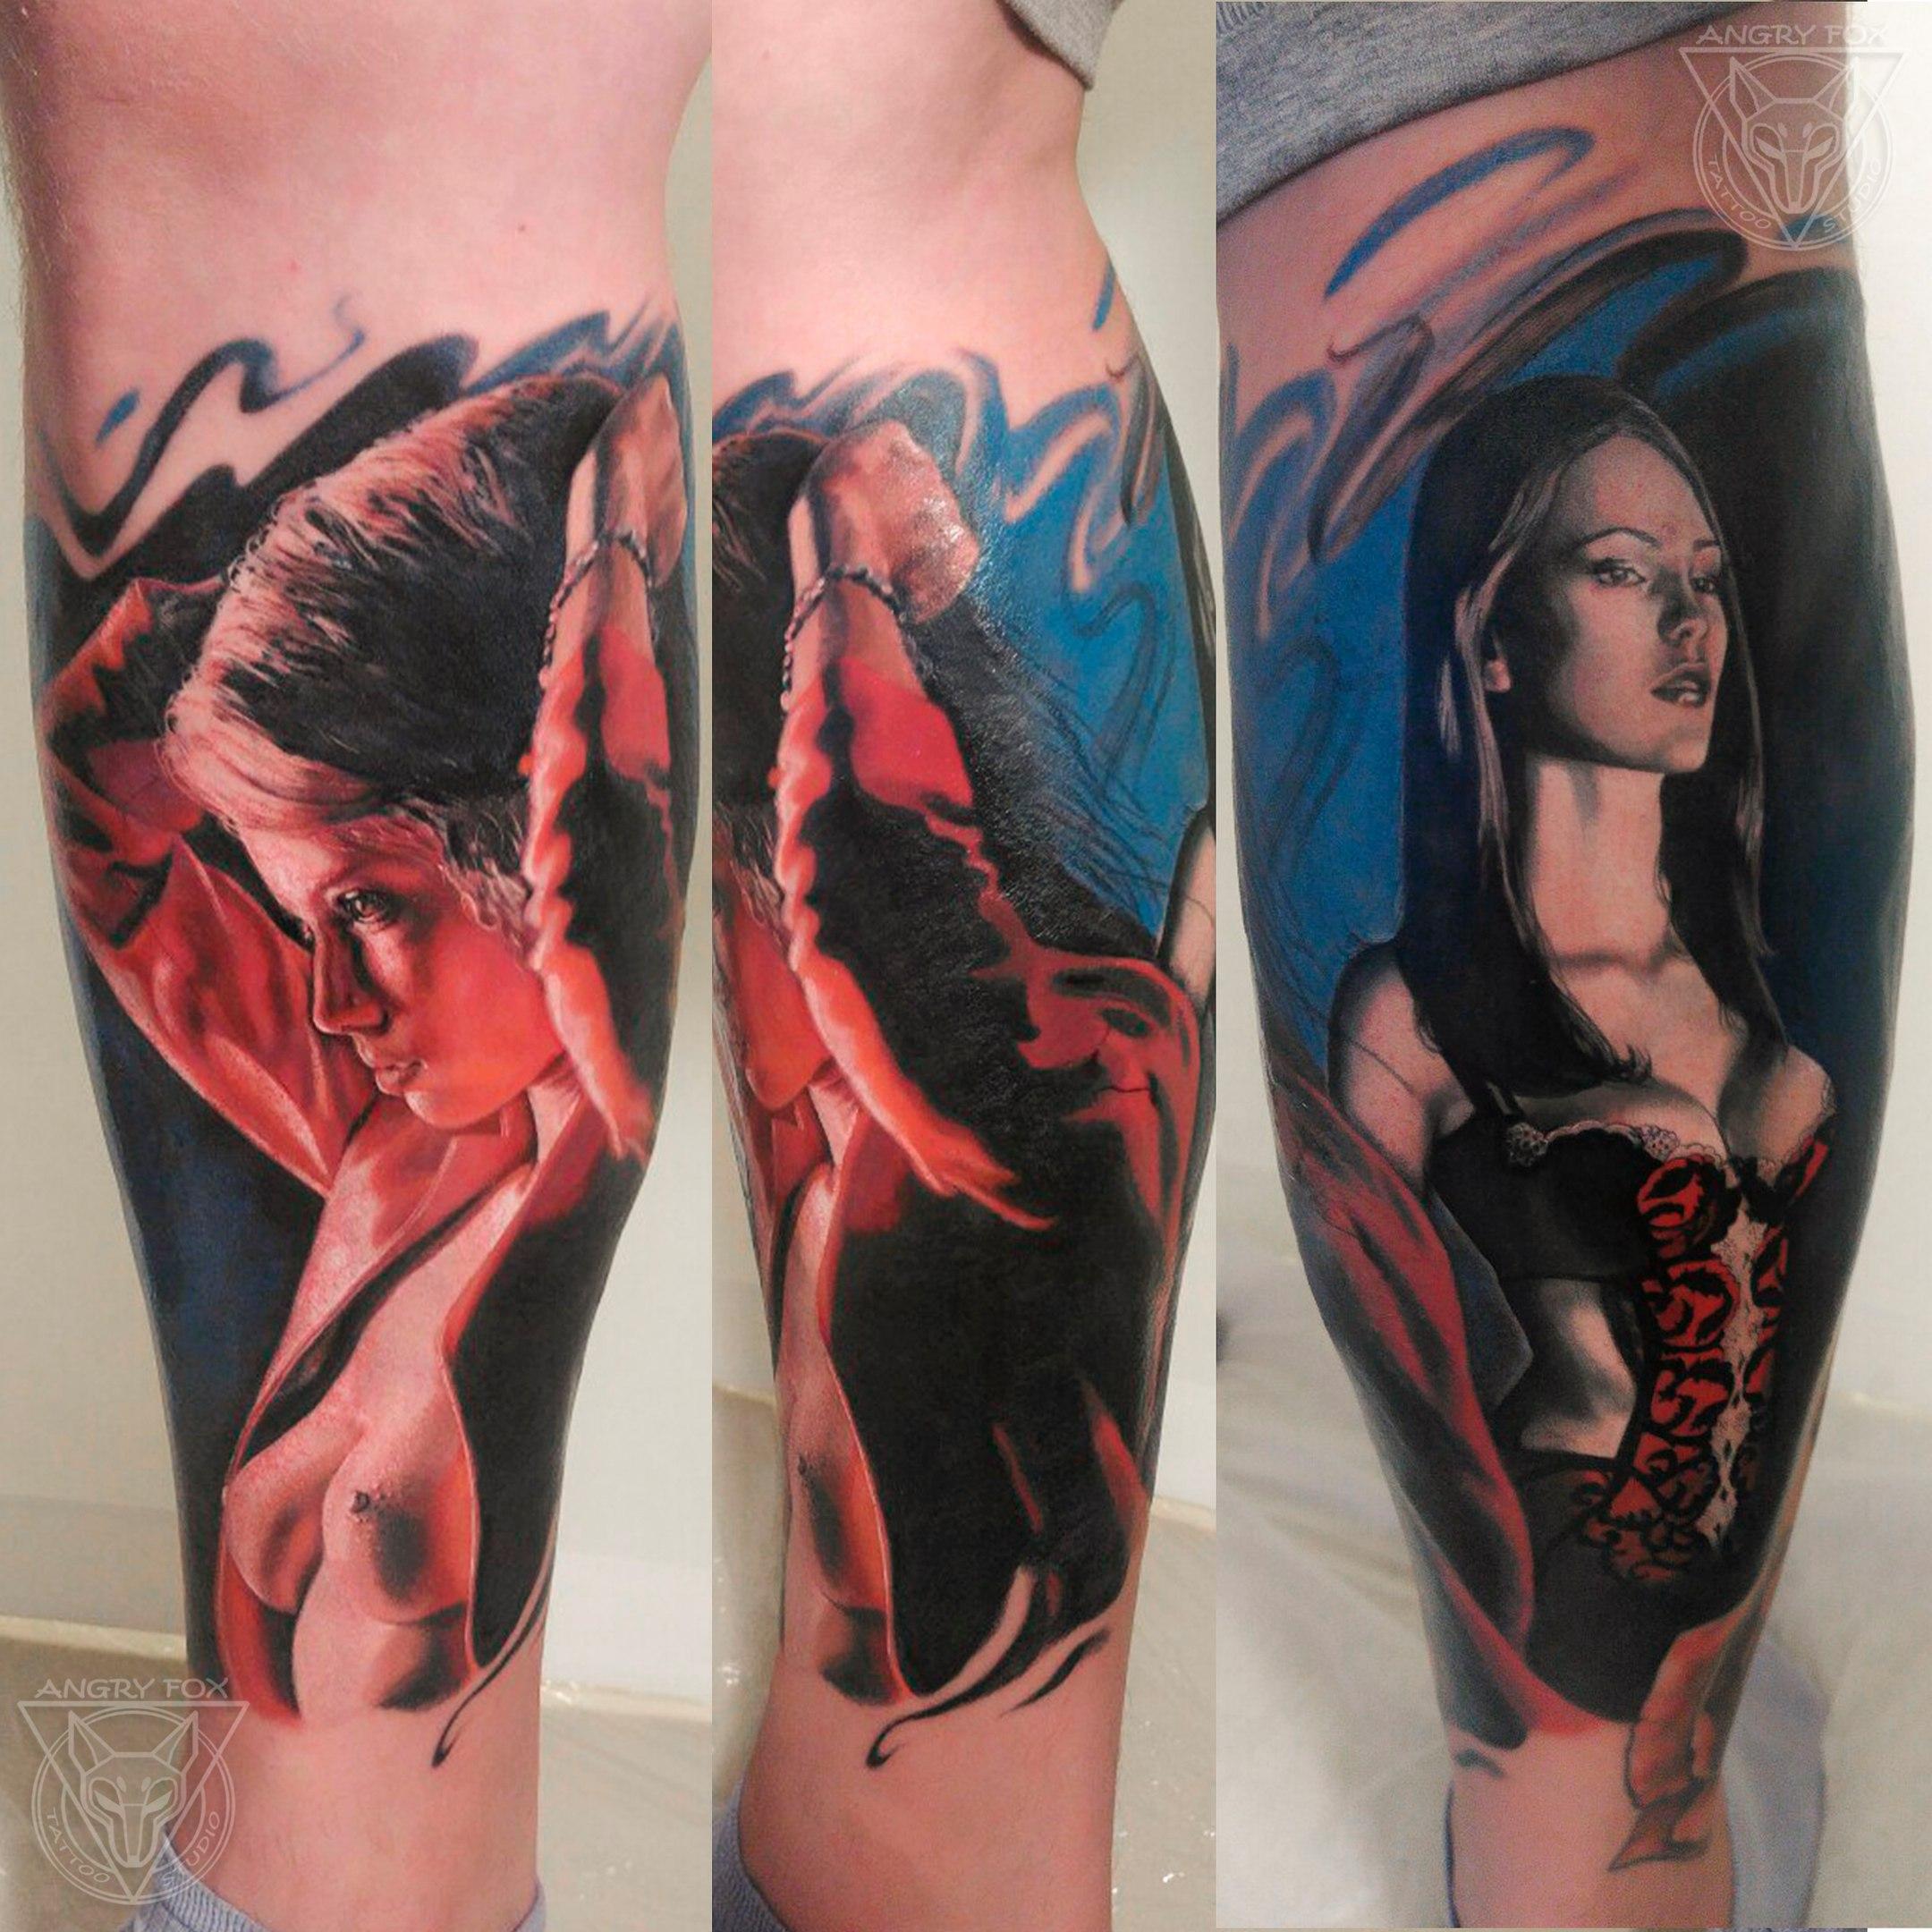 Татуировка, тату, цветная, портрет, грудь, ню, девушка, красный, пиджак, корсет, нога, голень, реализм